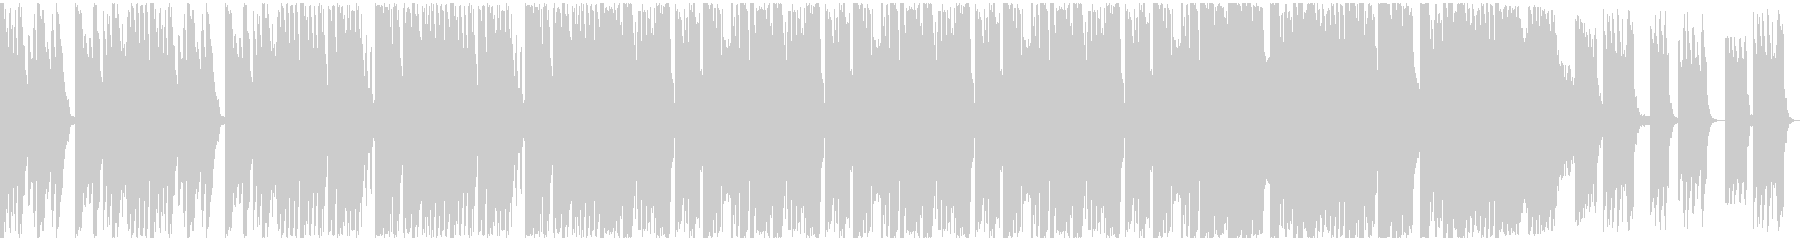 エレクトロ フューチャーベースの未再生の波形